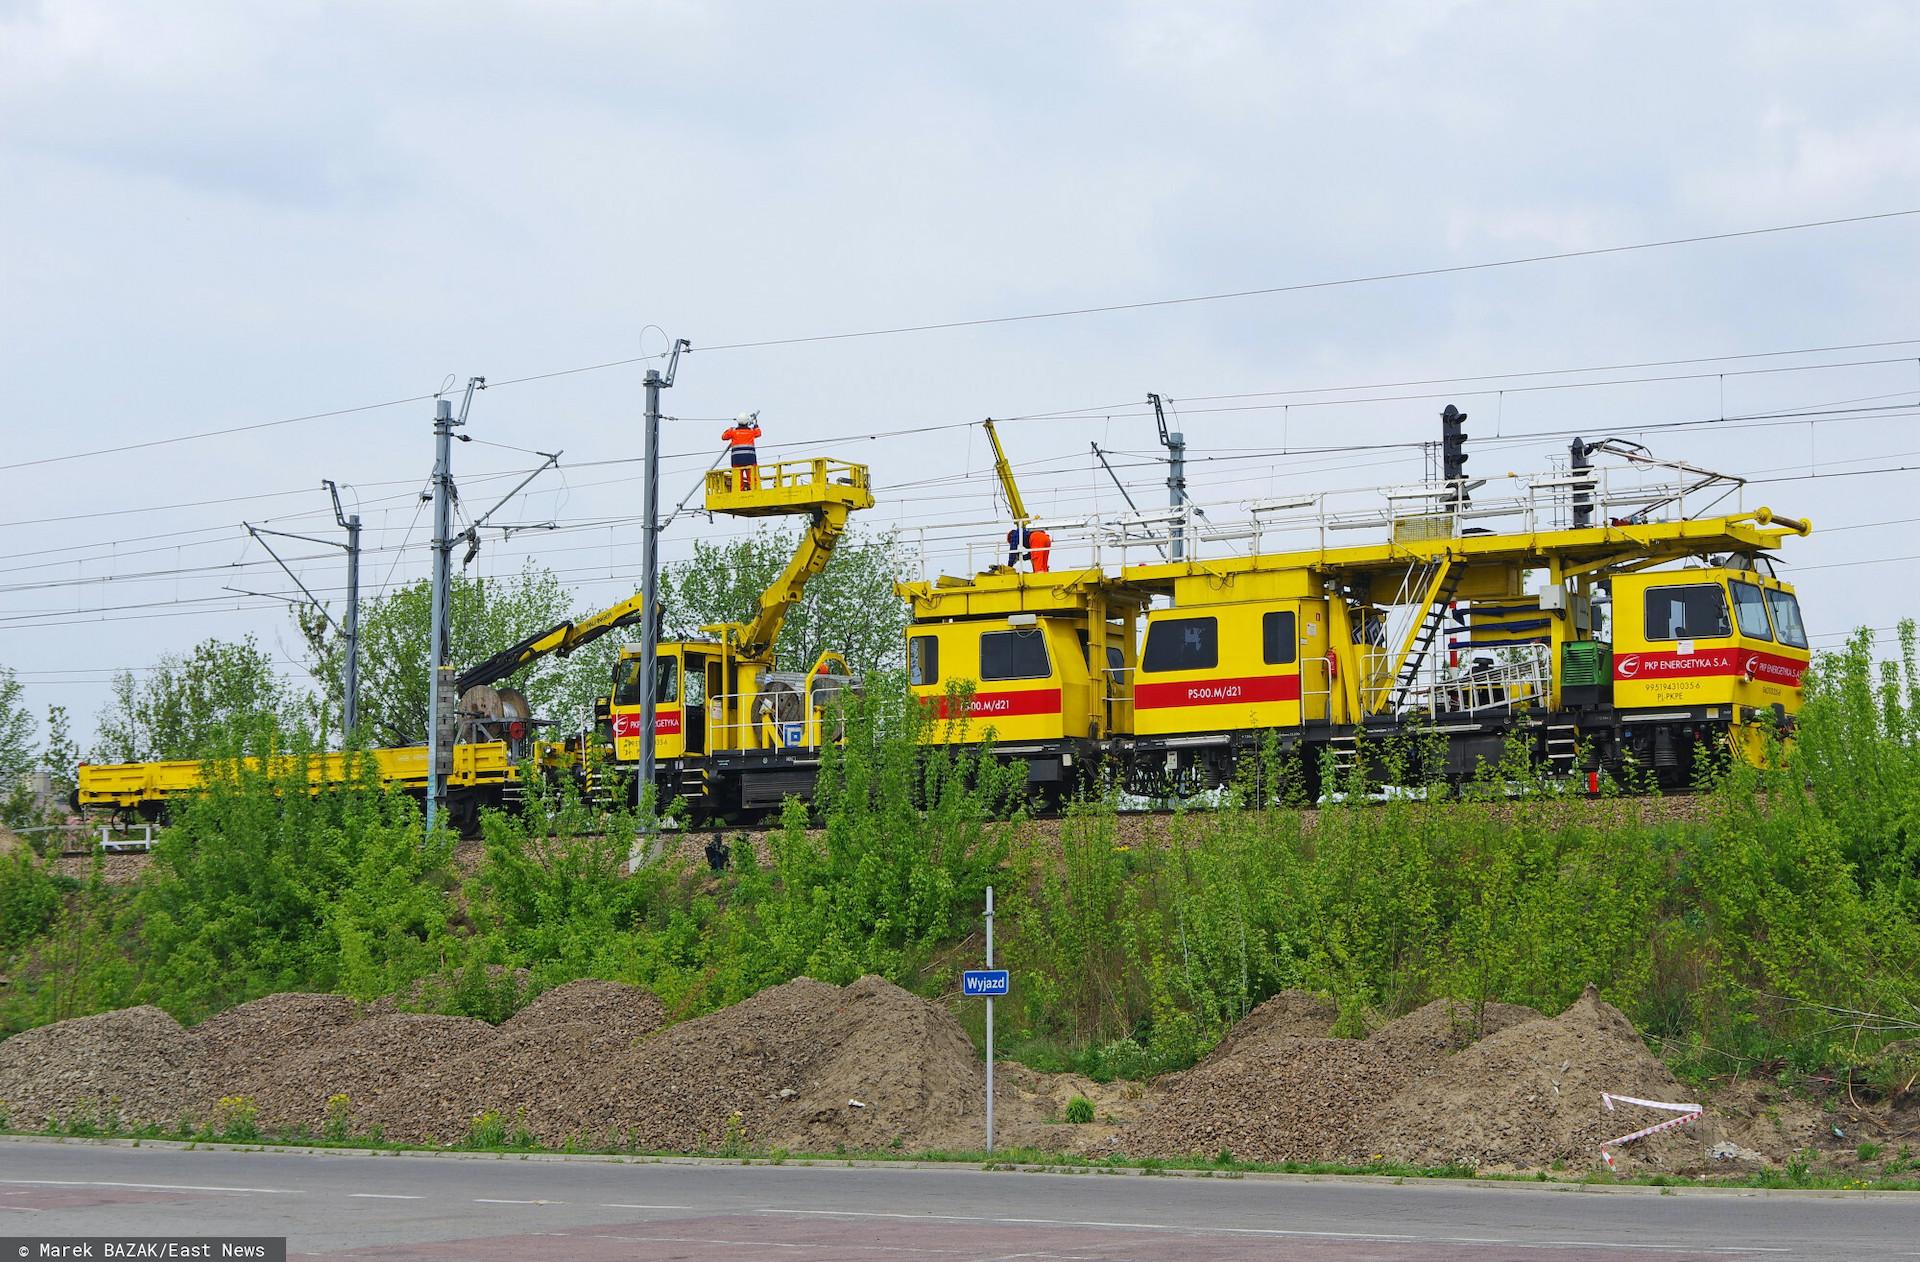 Koło Rybnika doszło do wykolejenia się pociągu PKP IC